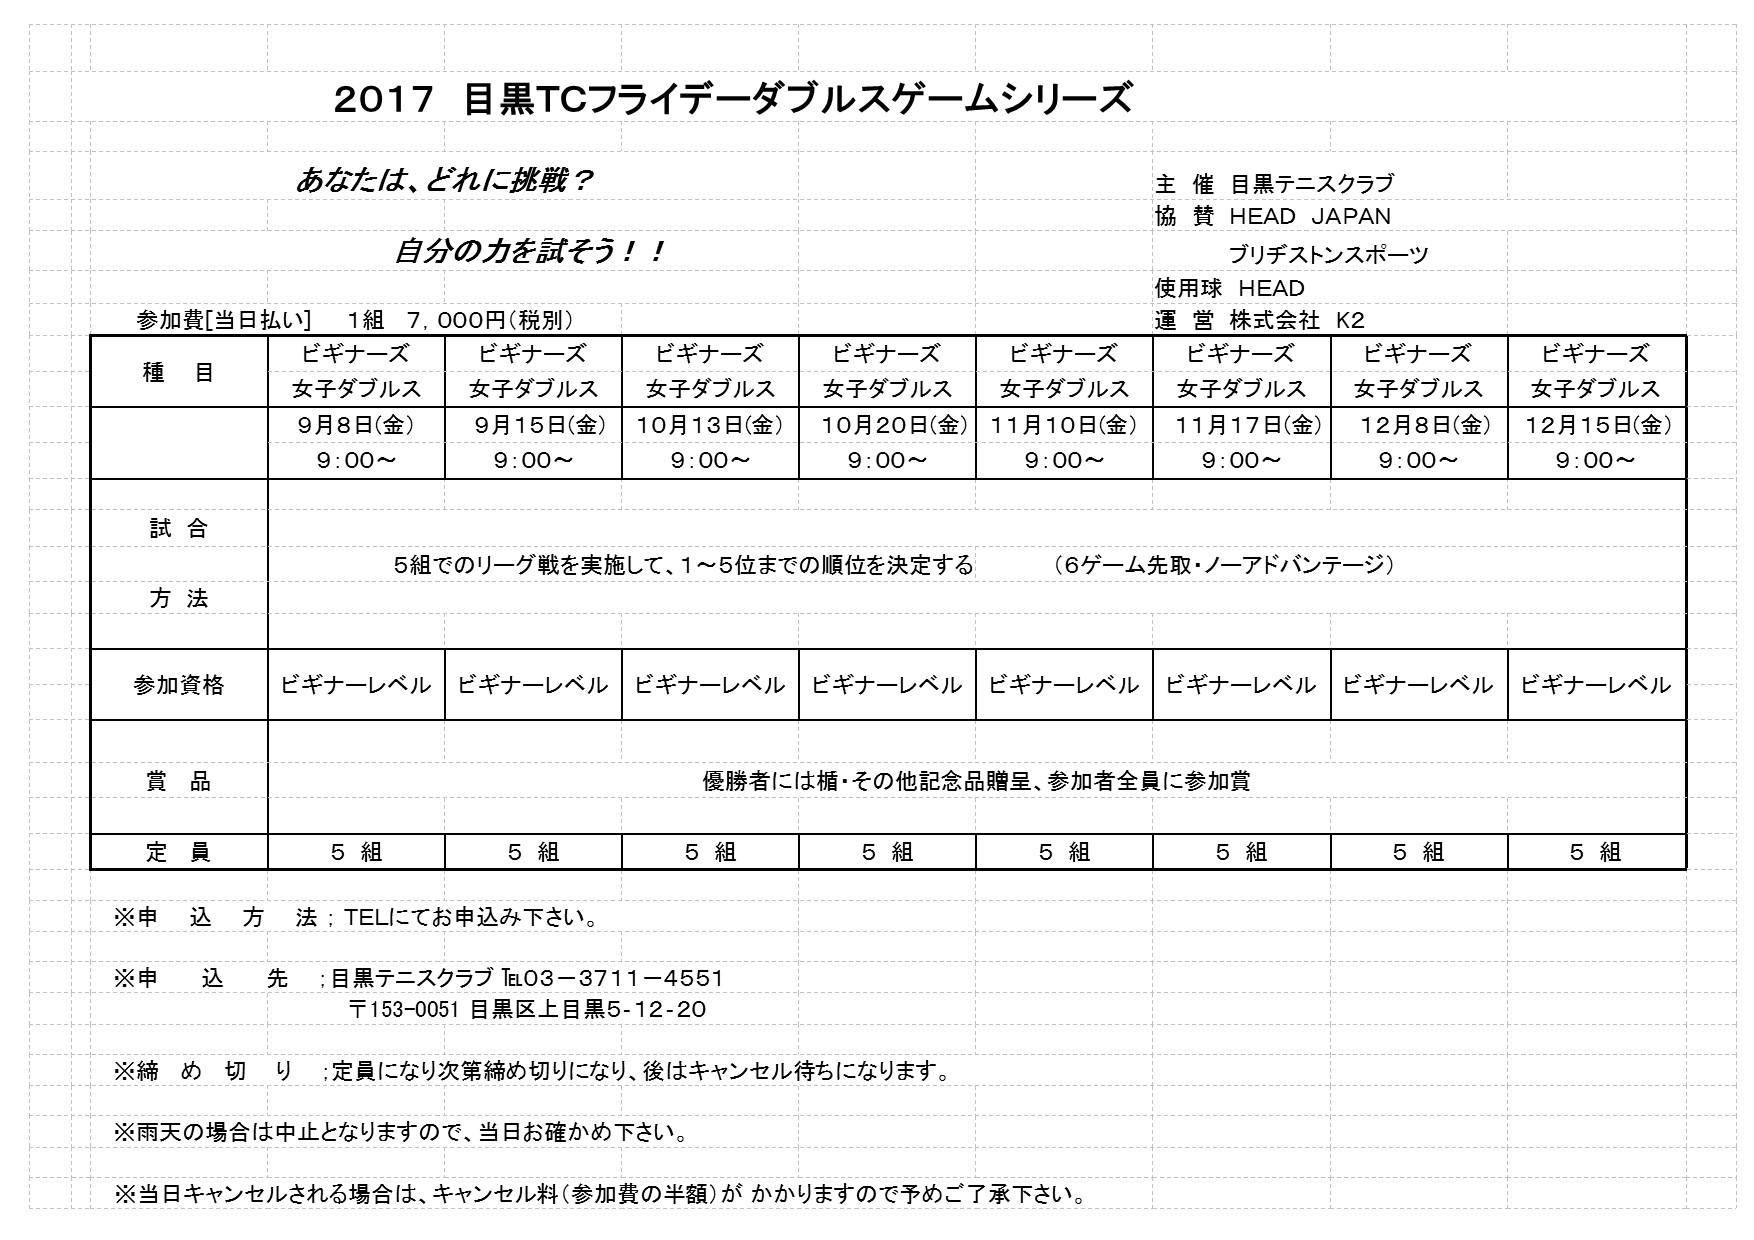 2017年9月~12月 フライデートーナメント日程_b0158200_10392359.jpg